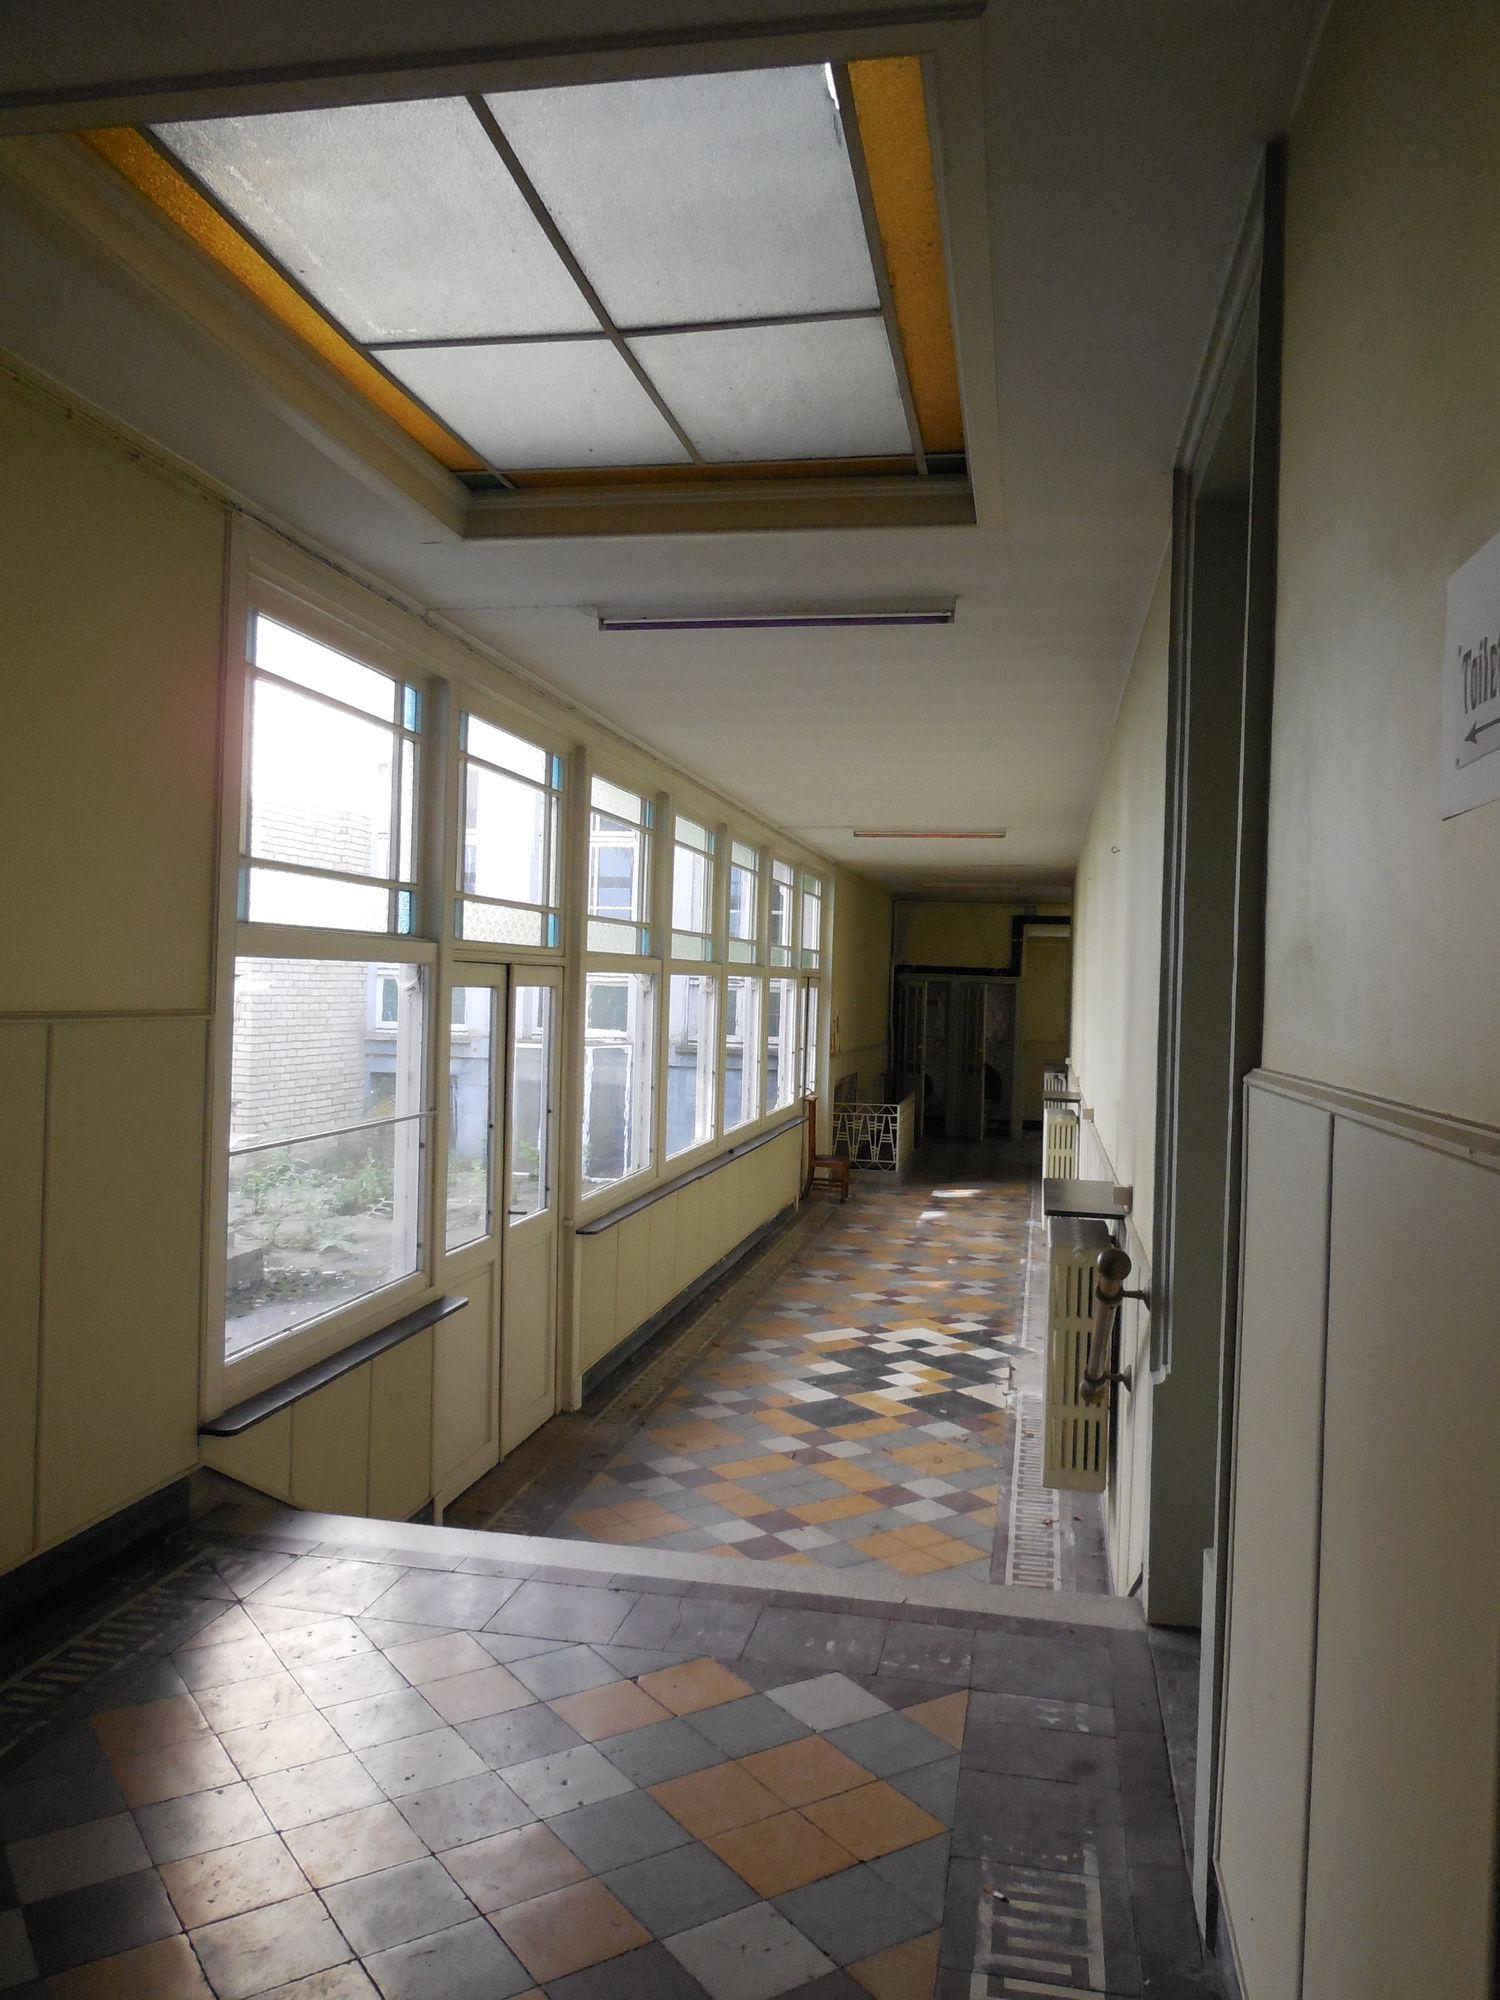 School ten Broele